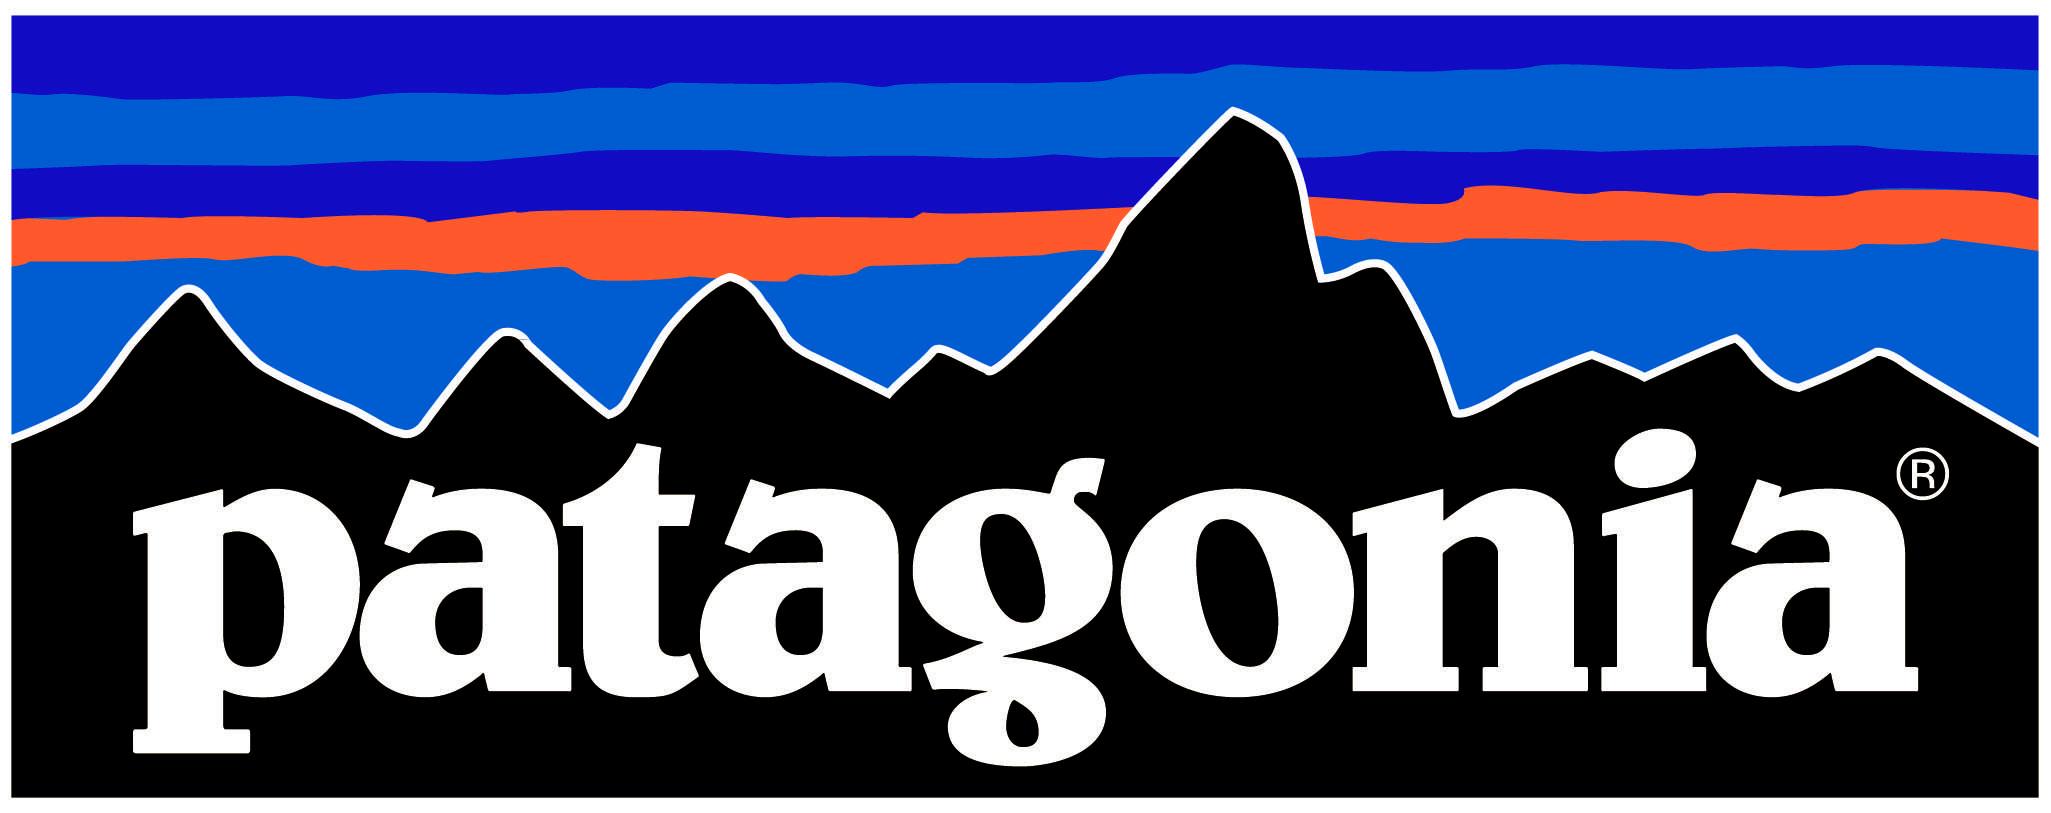 patagonia-logo-1.jpg